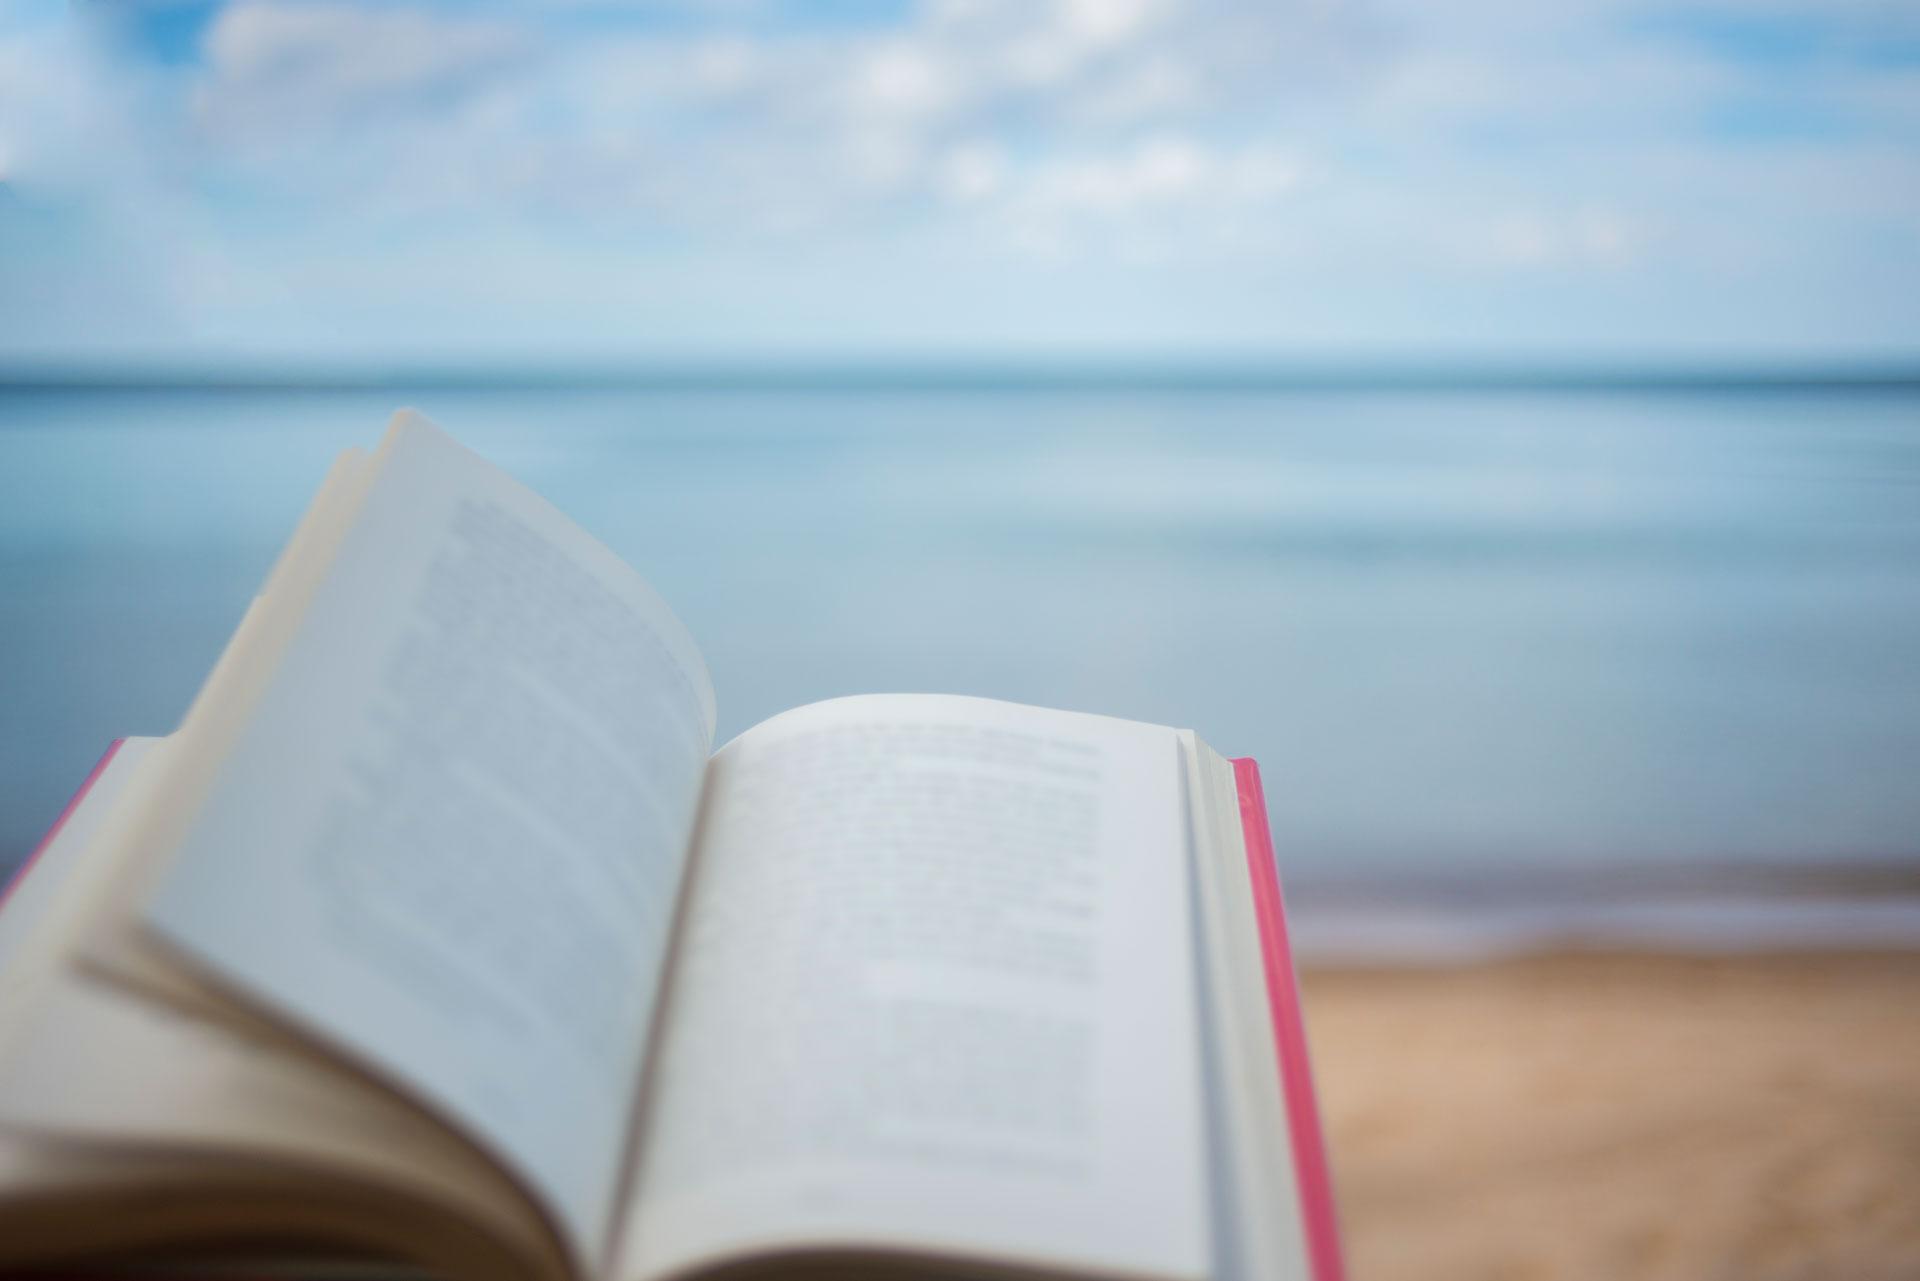 blurred-book-48294740_web